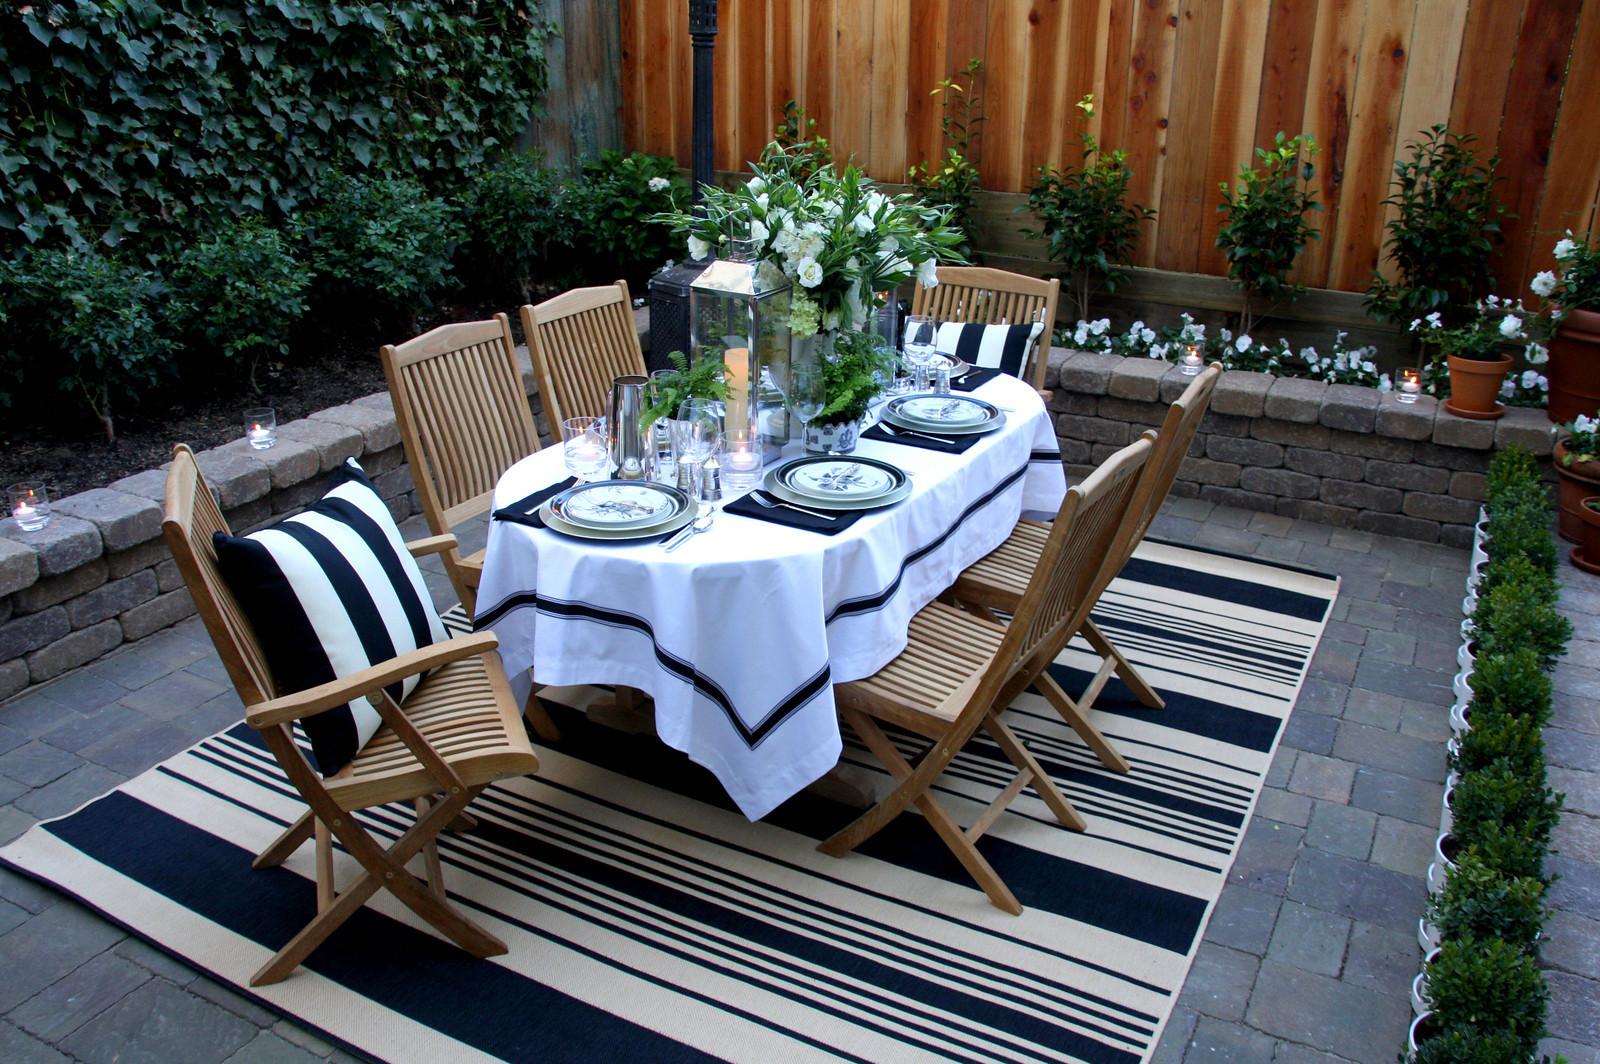 Scot Meacham Wood Design - Presidio Heights Garden 2 .jpg